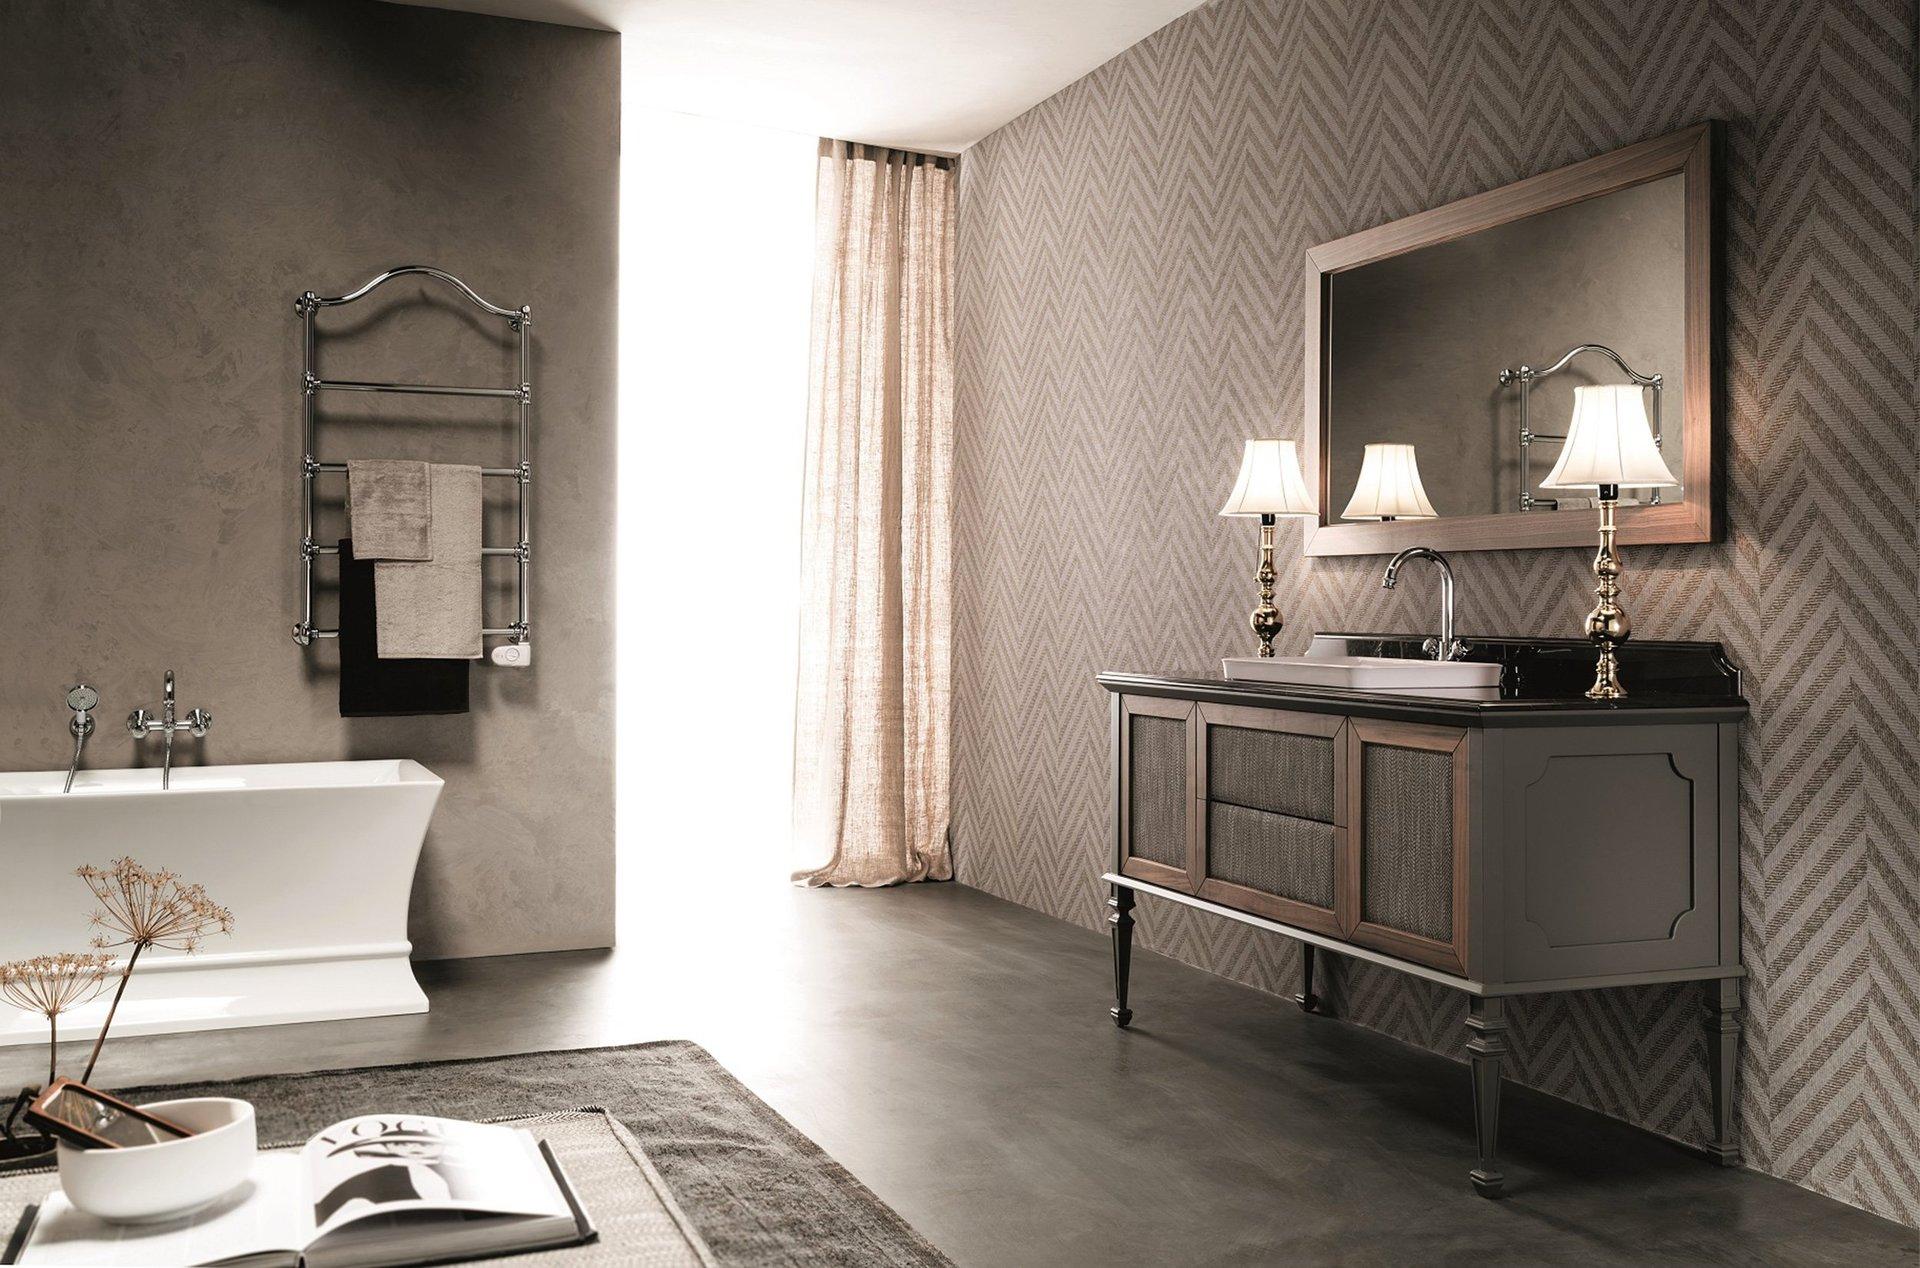 bagno elegante in stile contemporaneo con arredamento